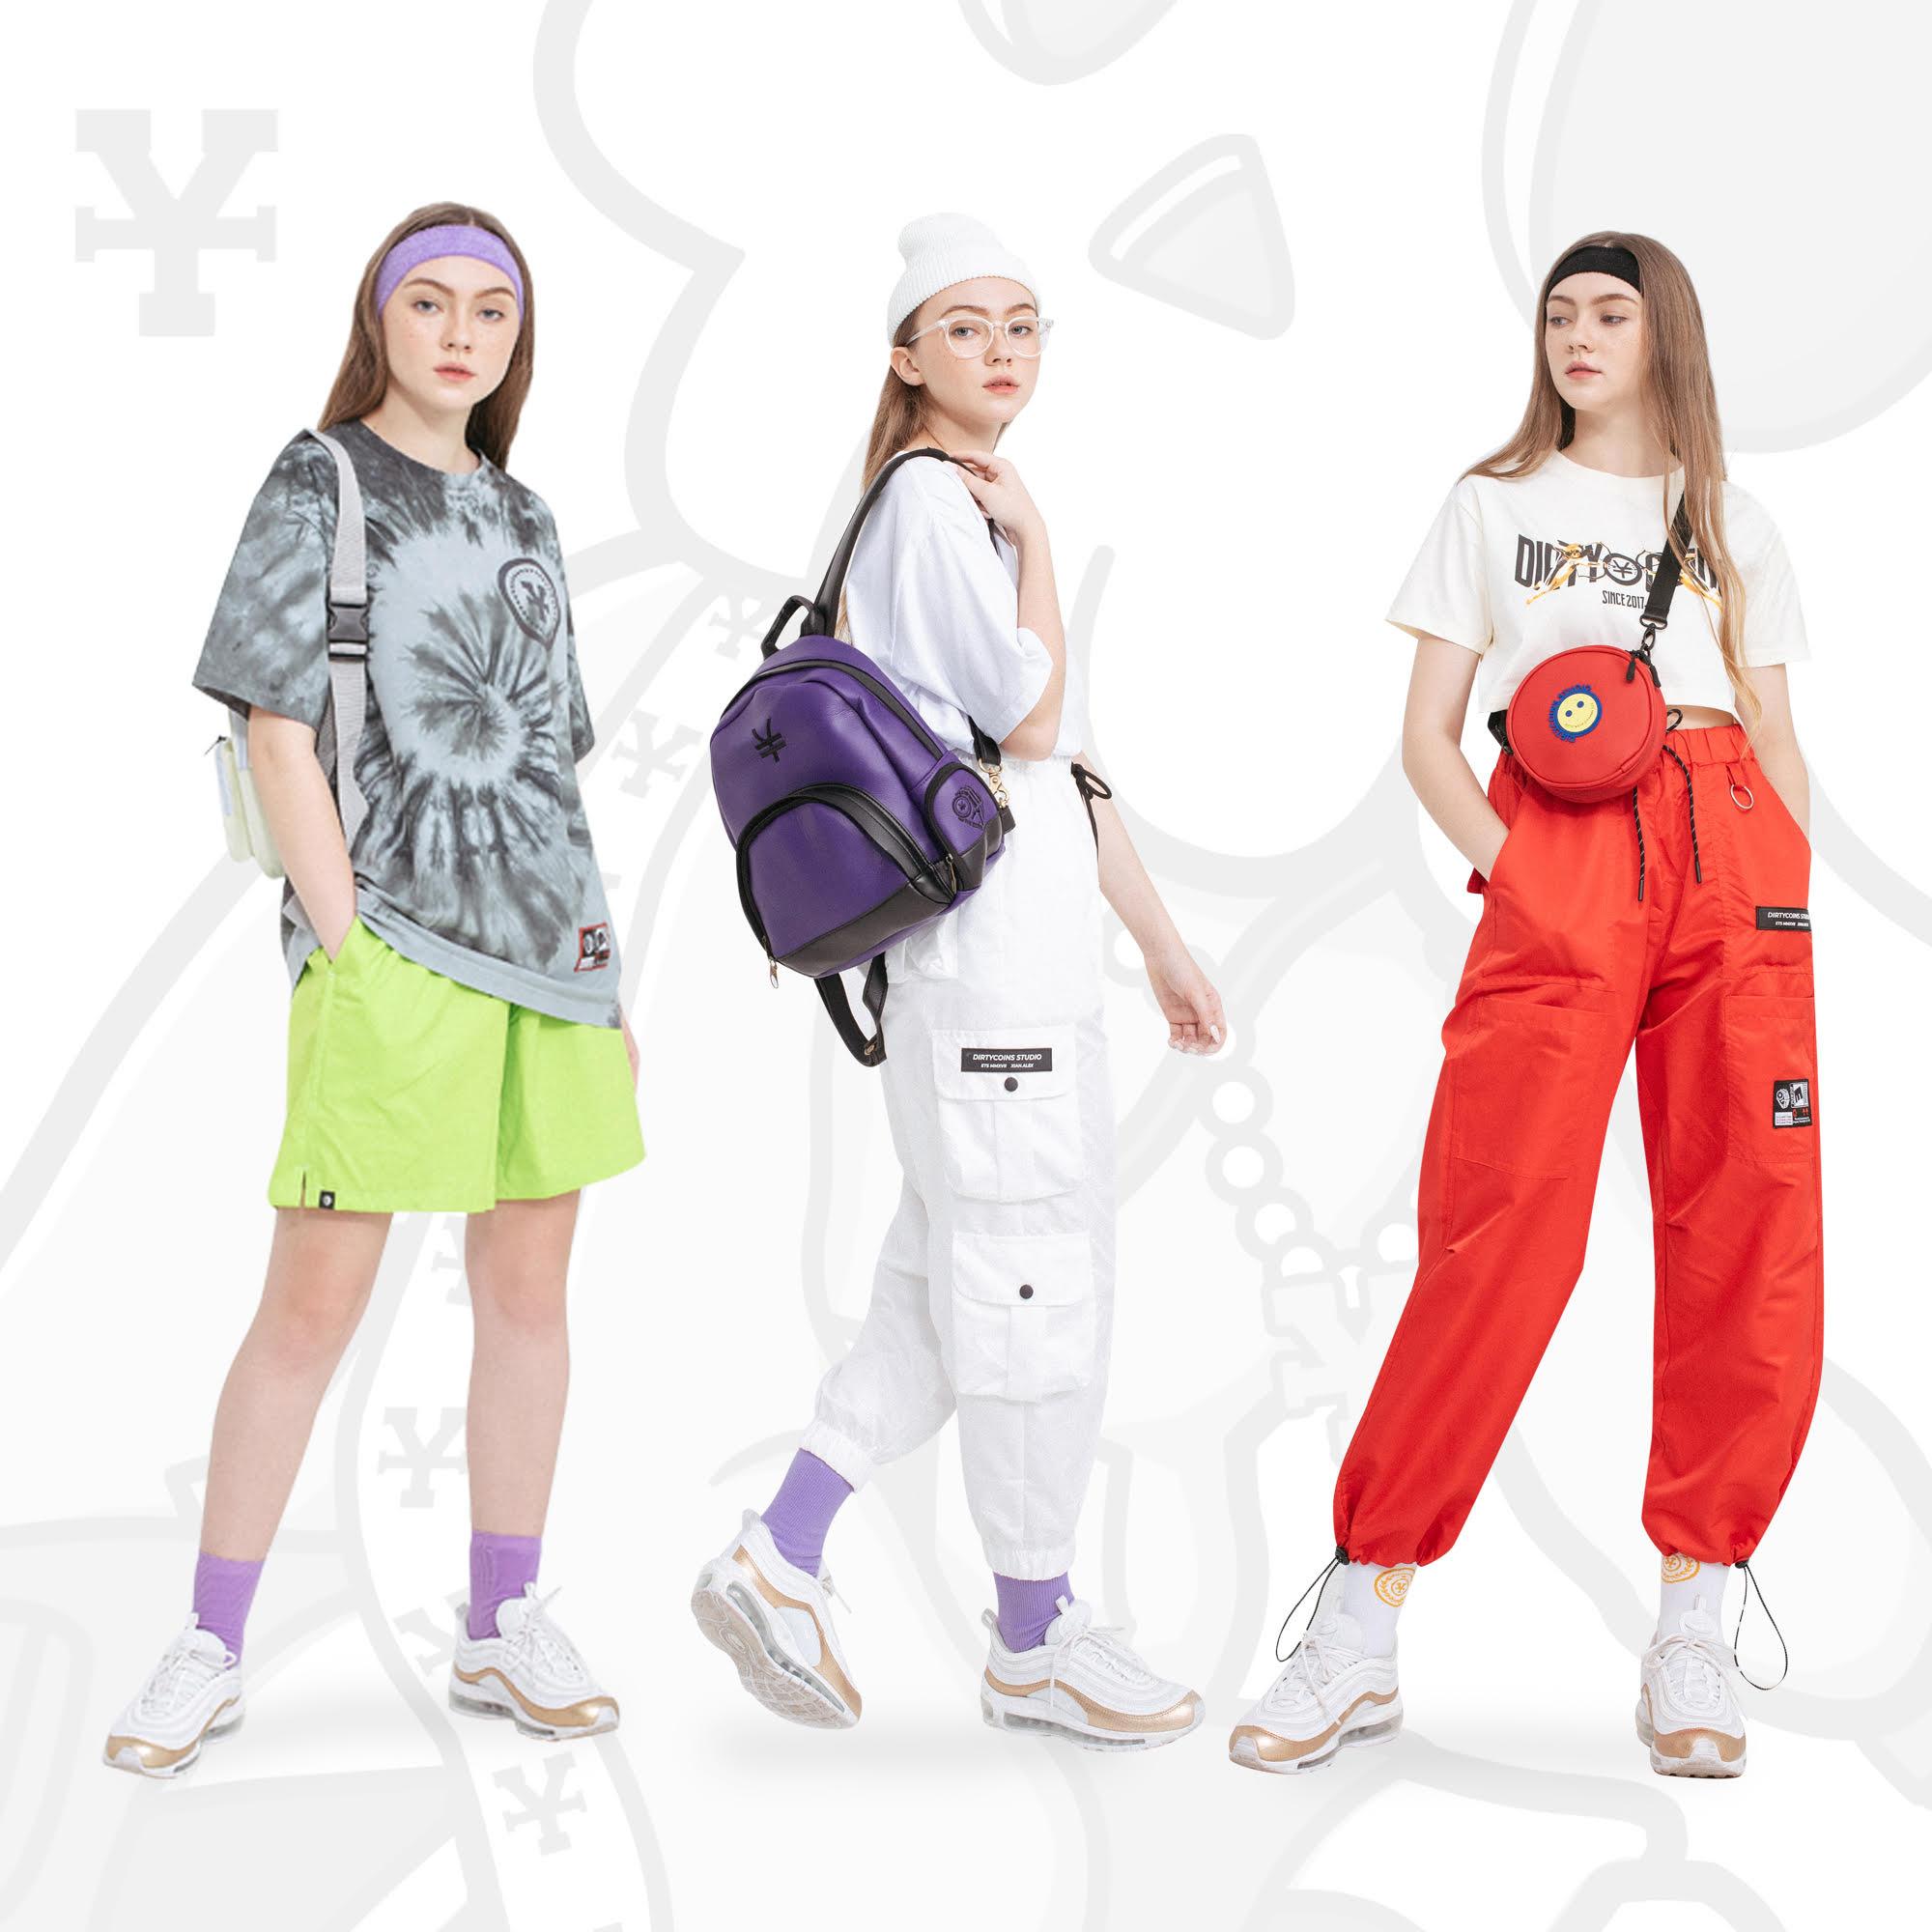 Giới trẻ bắt nhịp xu hướng thời trang với Dirty Coins - Ảnh 1.